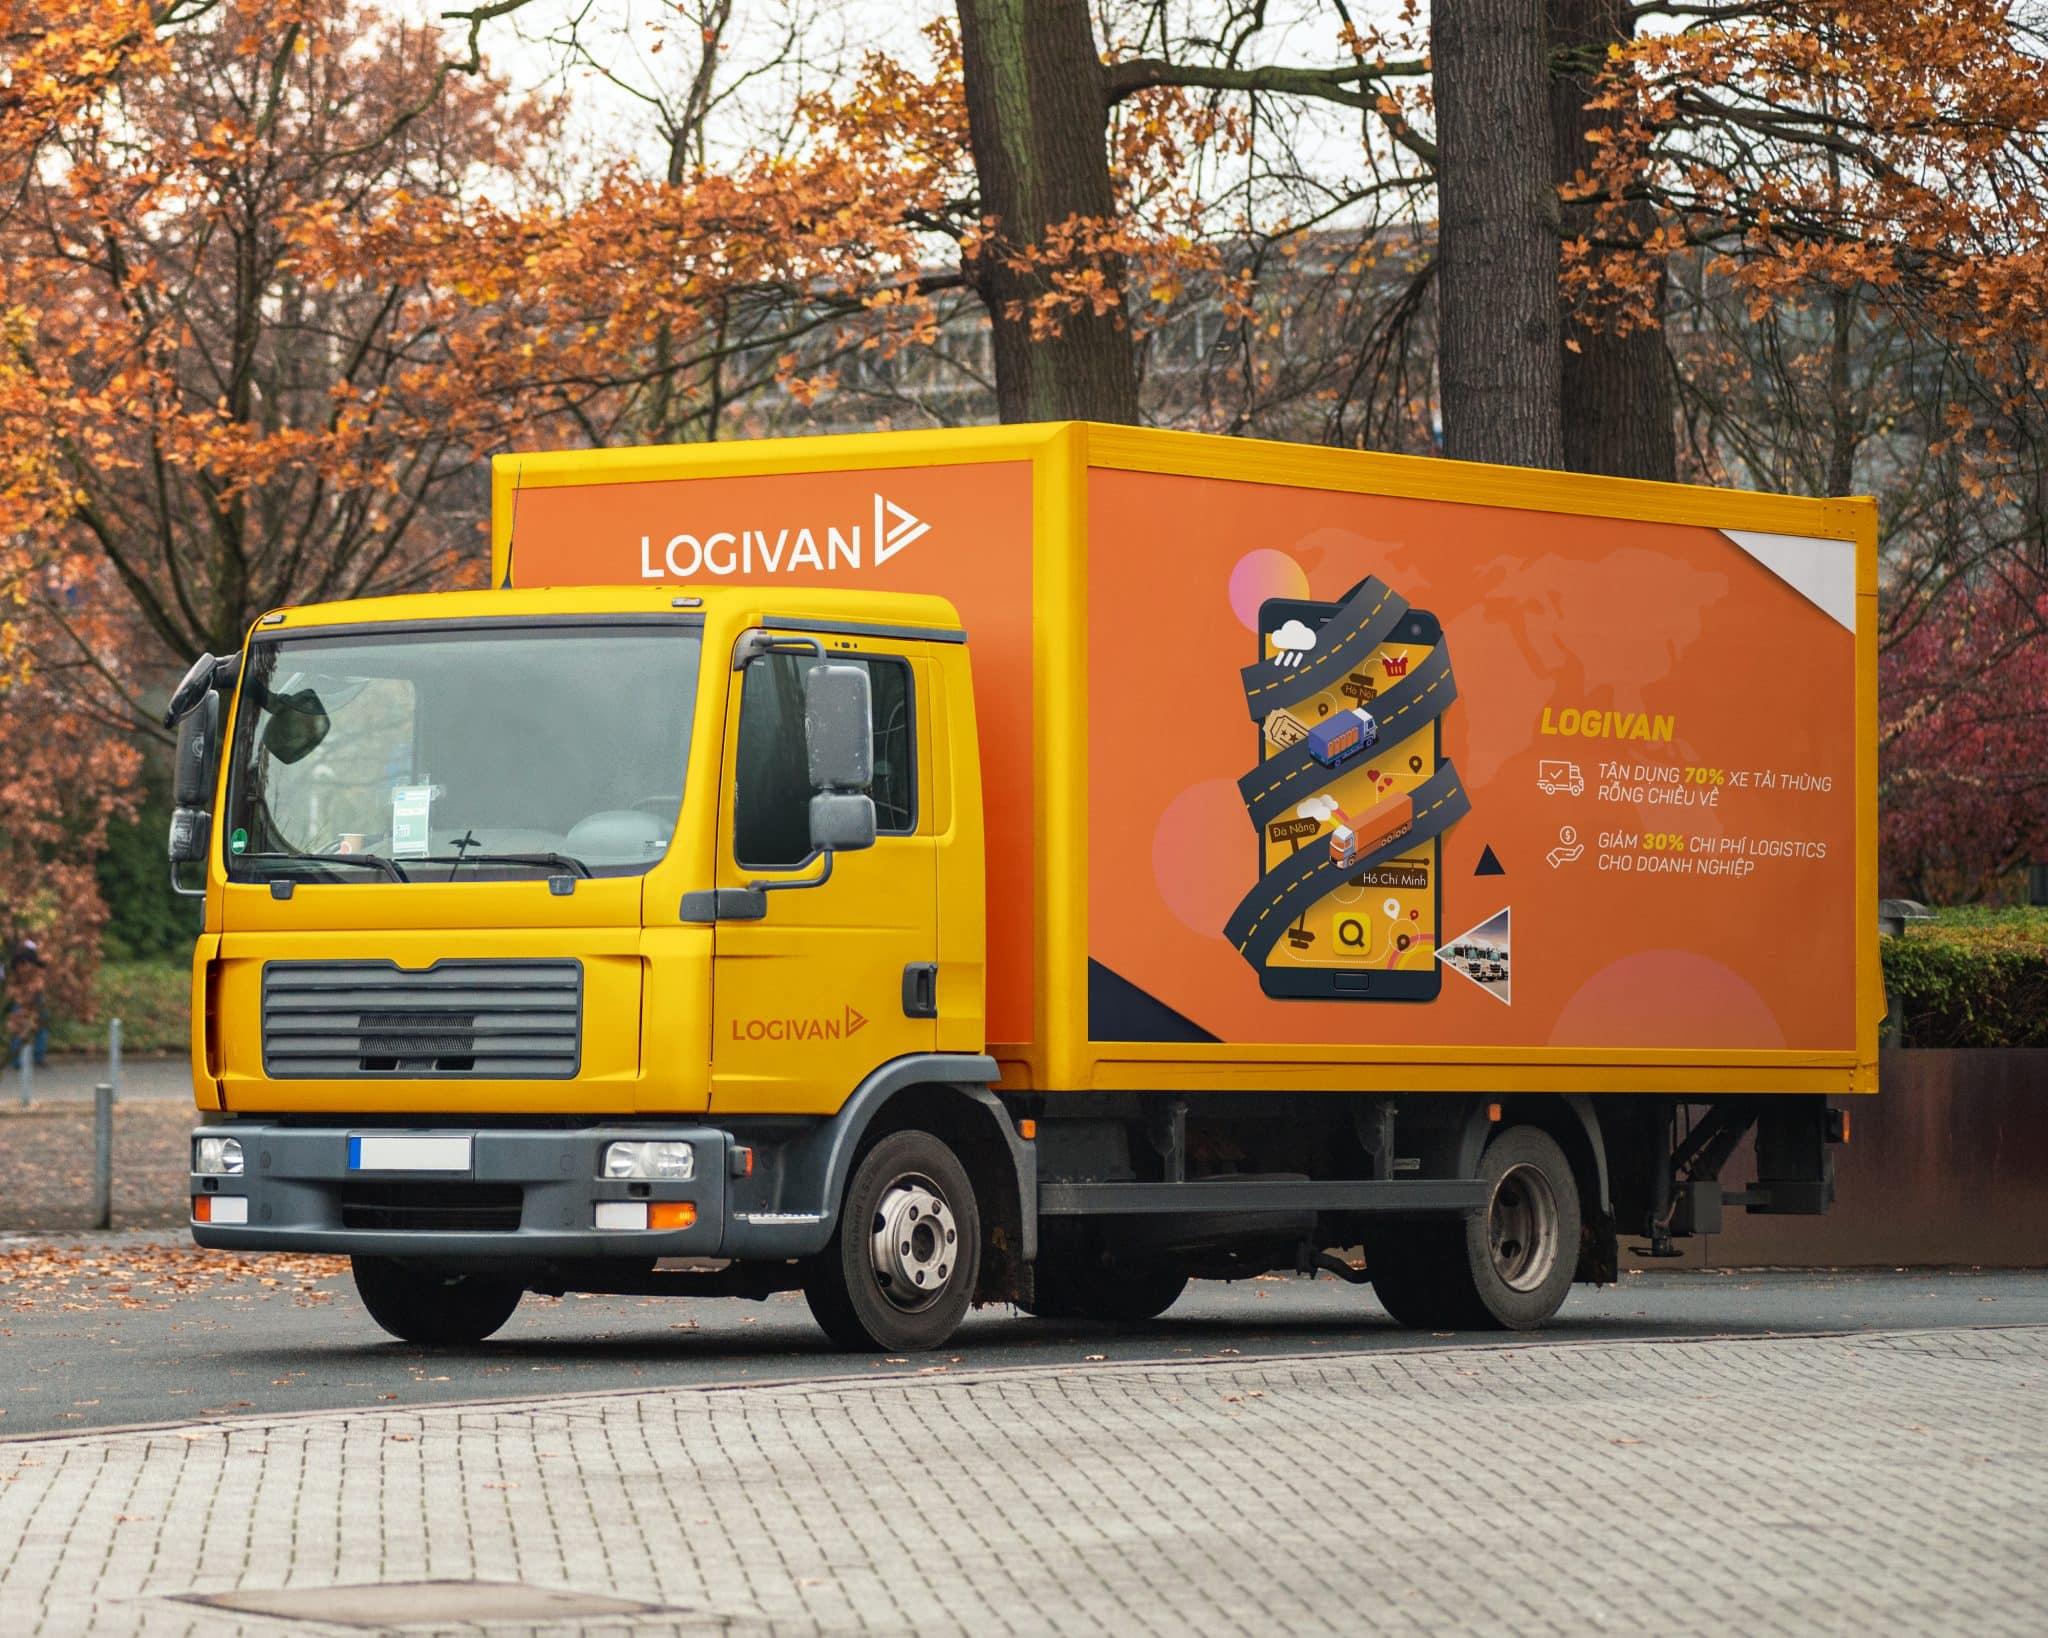 Ứng dụng cho xe tải tìm hàng nhanh LOGIVAN đơn giản tiện lợi